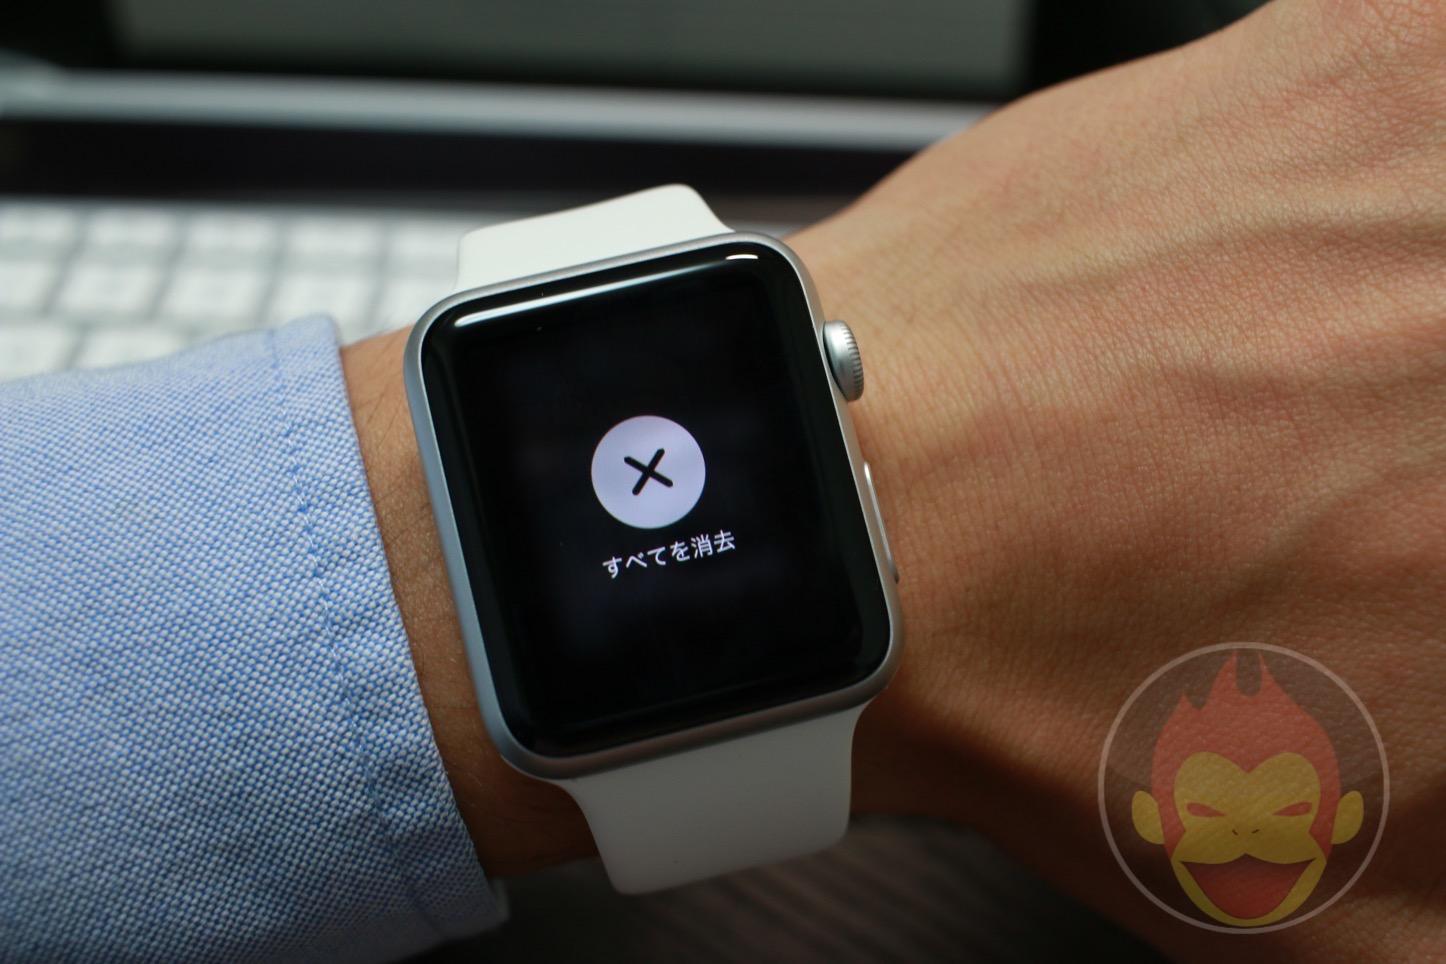 Apple Watchの通知を一気に消す方法